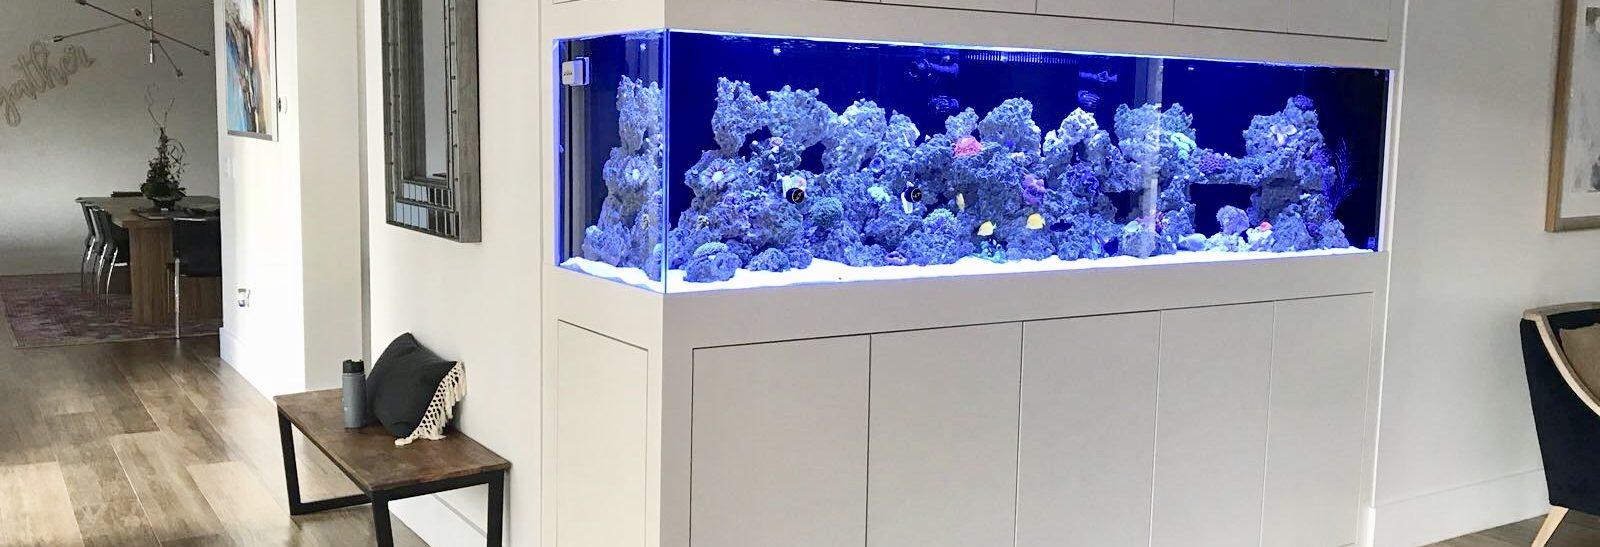 home aquarium marketing